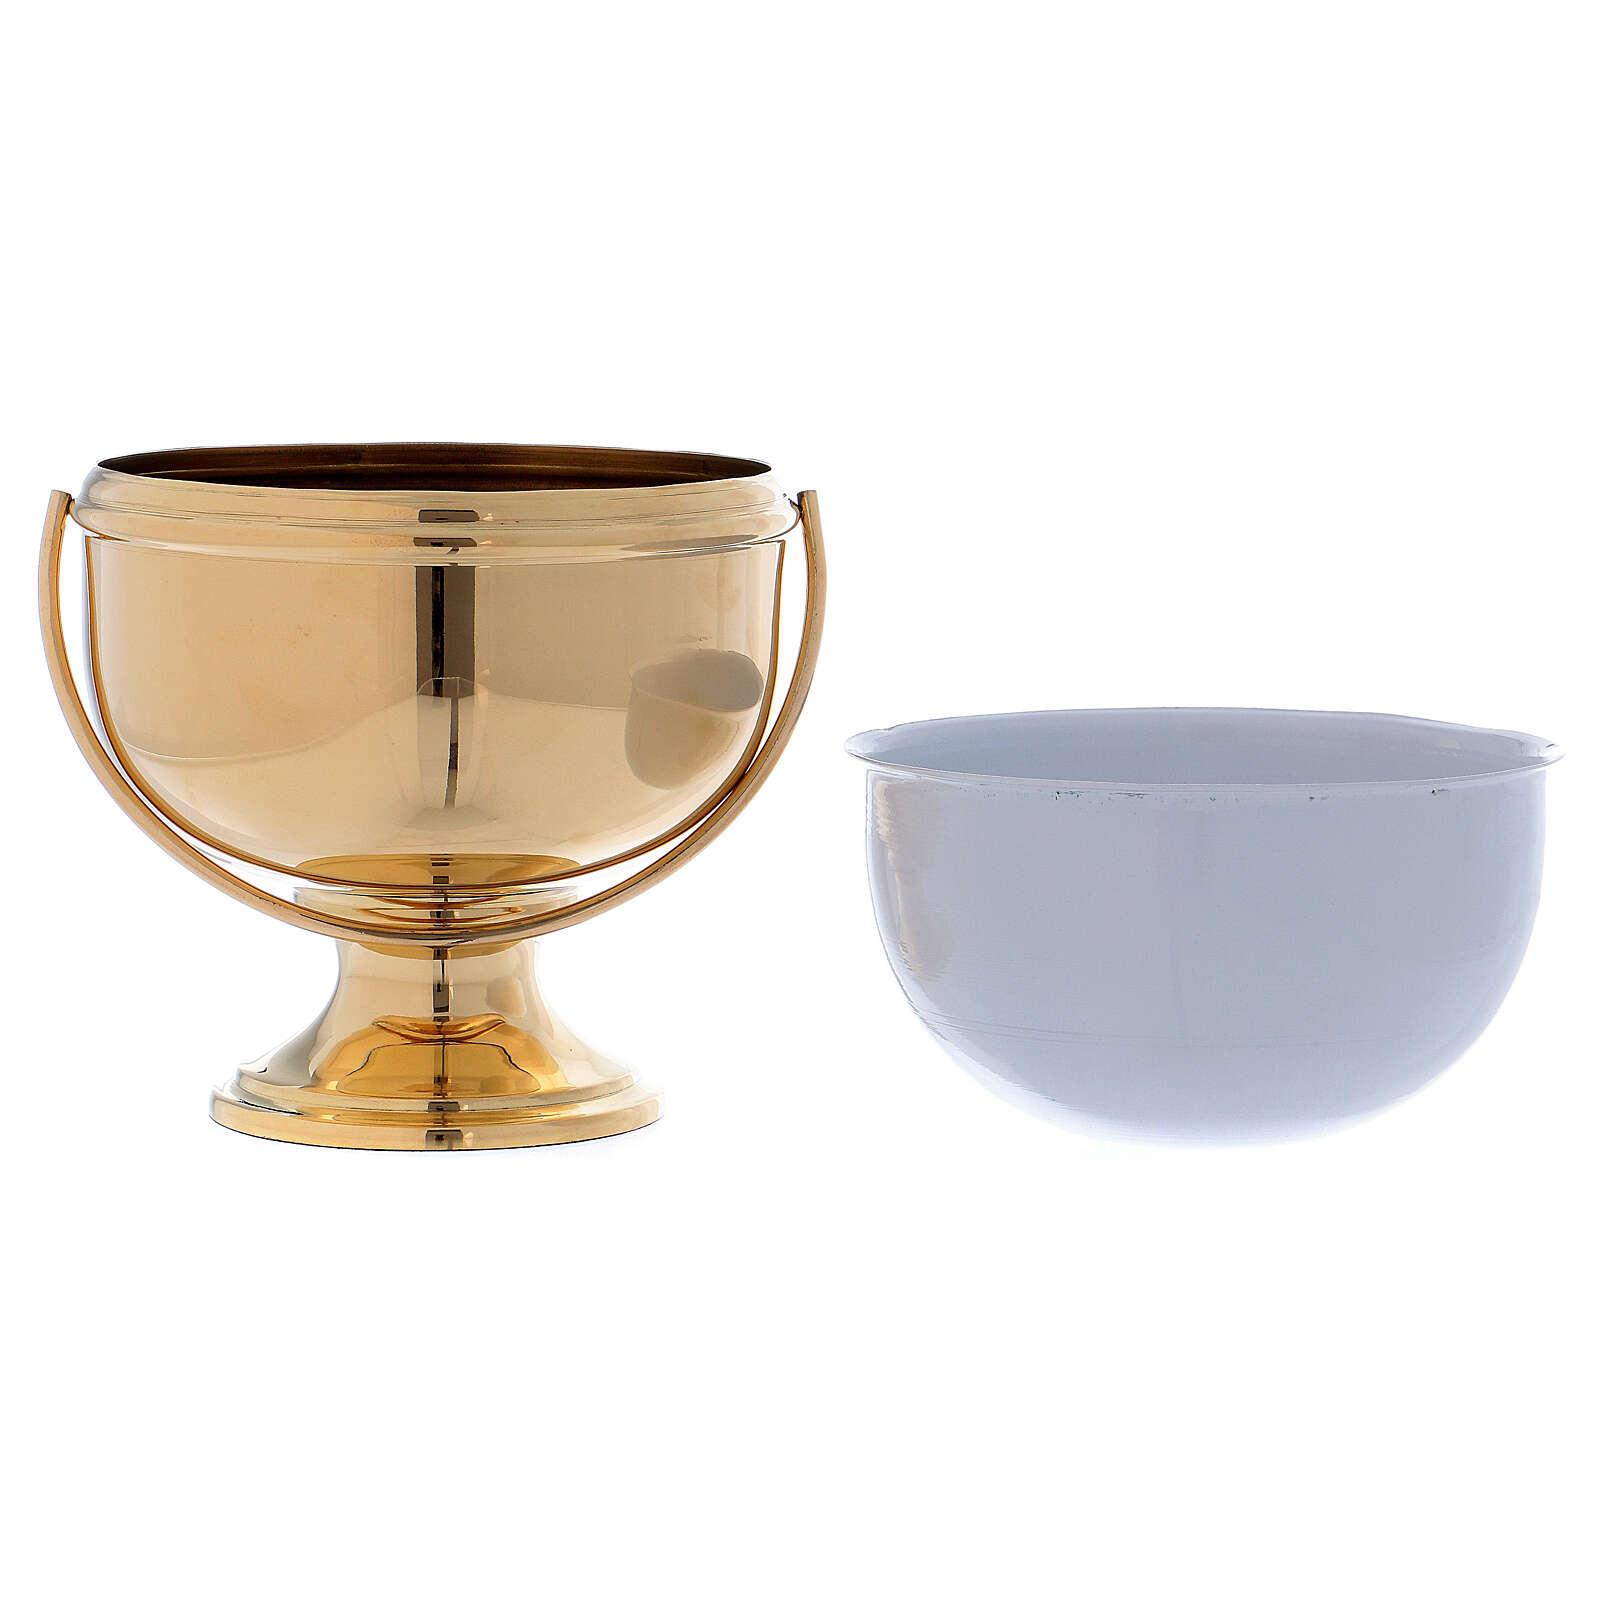 Bucket for blessing in shiny golden brass 3